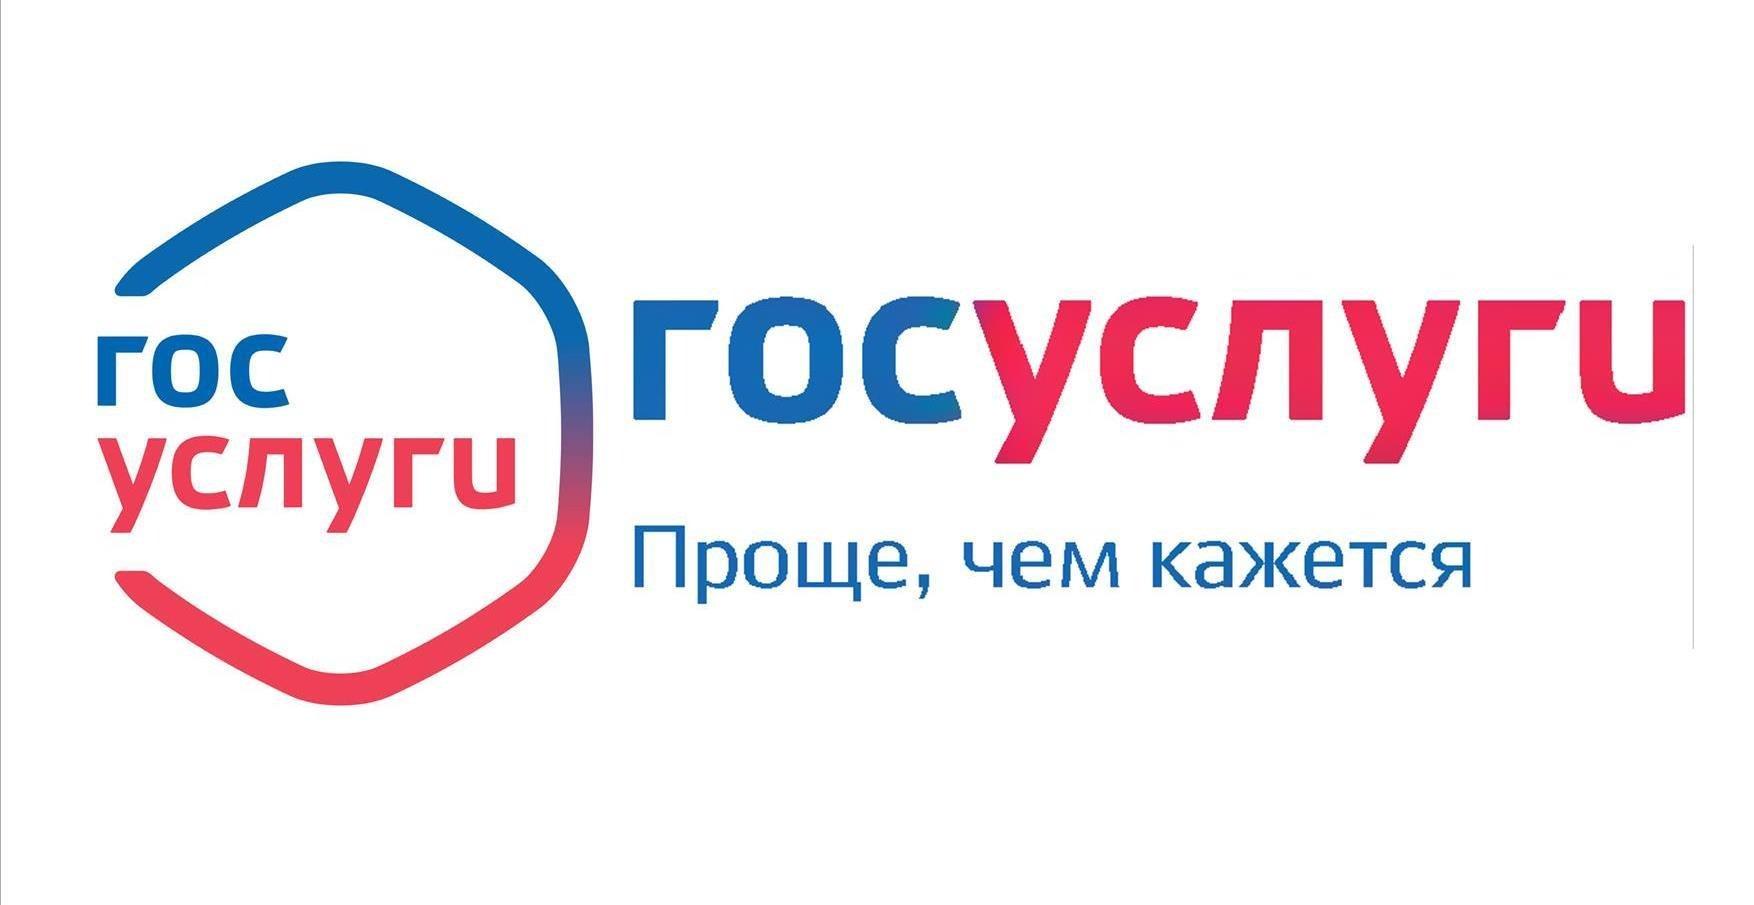 http://dmitrevka.ucoz.com/2020/gosuslugi.jpg